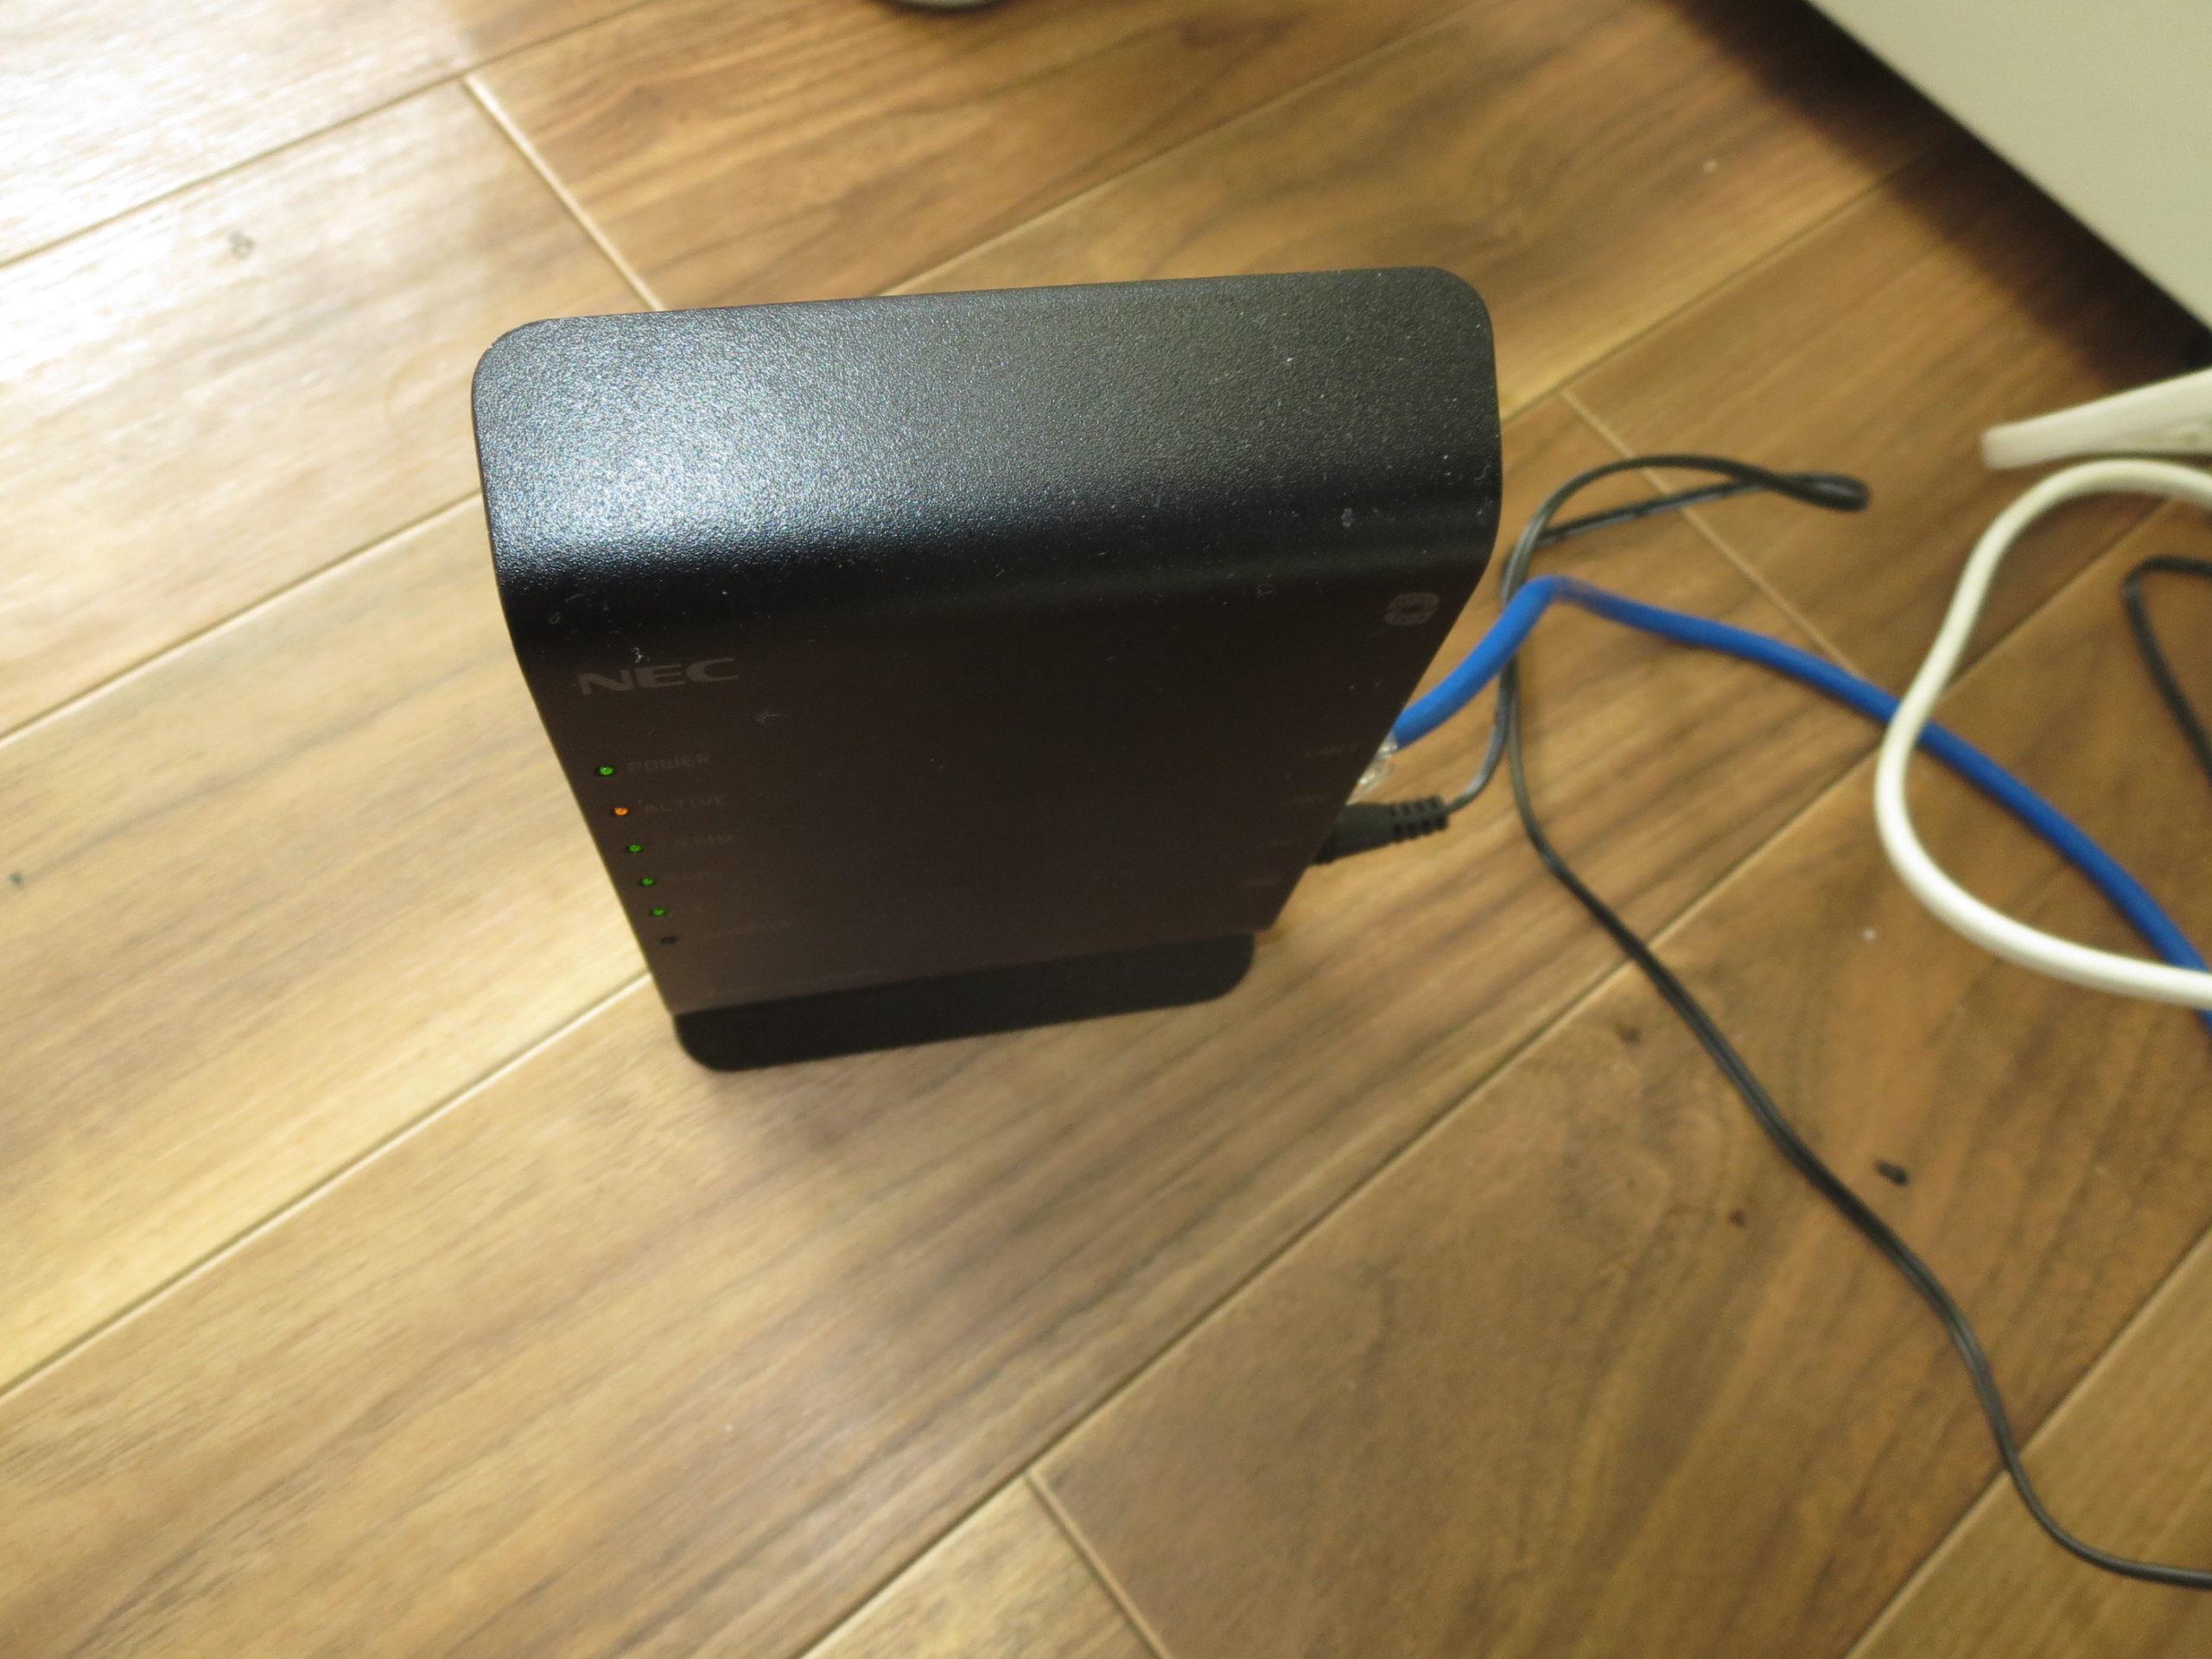 【賃貸経営】テレワークとインターネット付き賃貸物件 ~地方編~